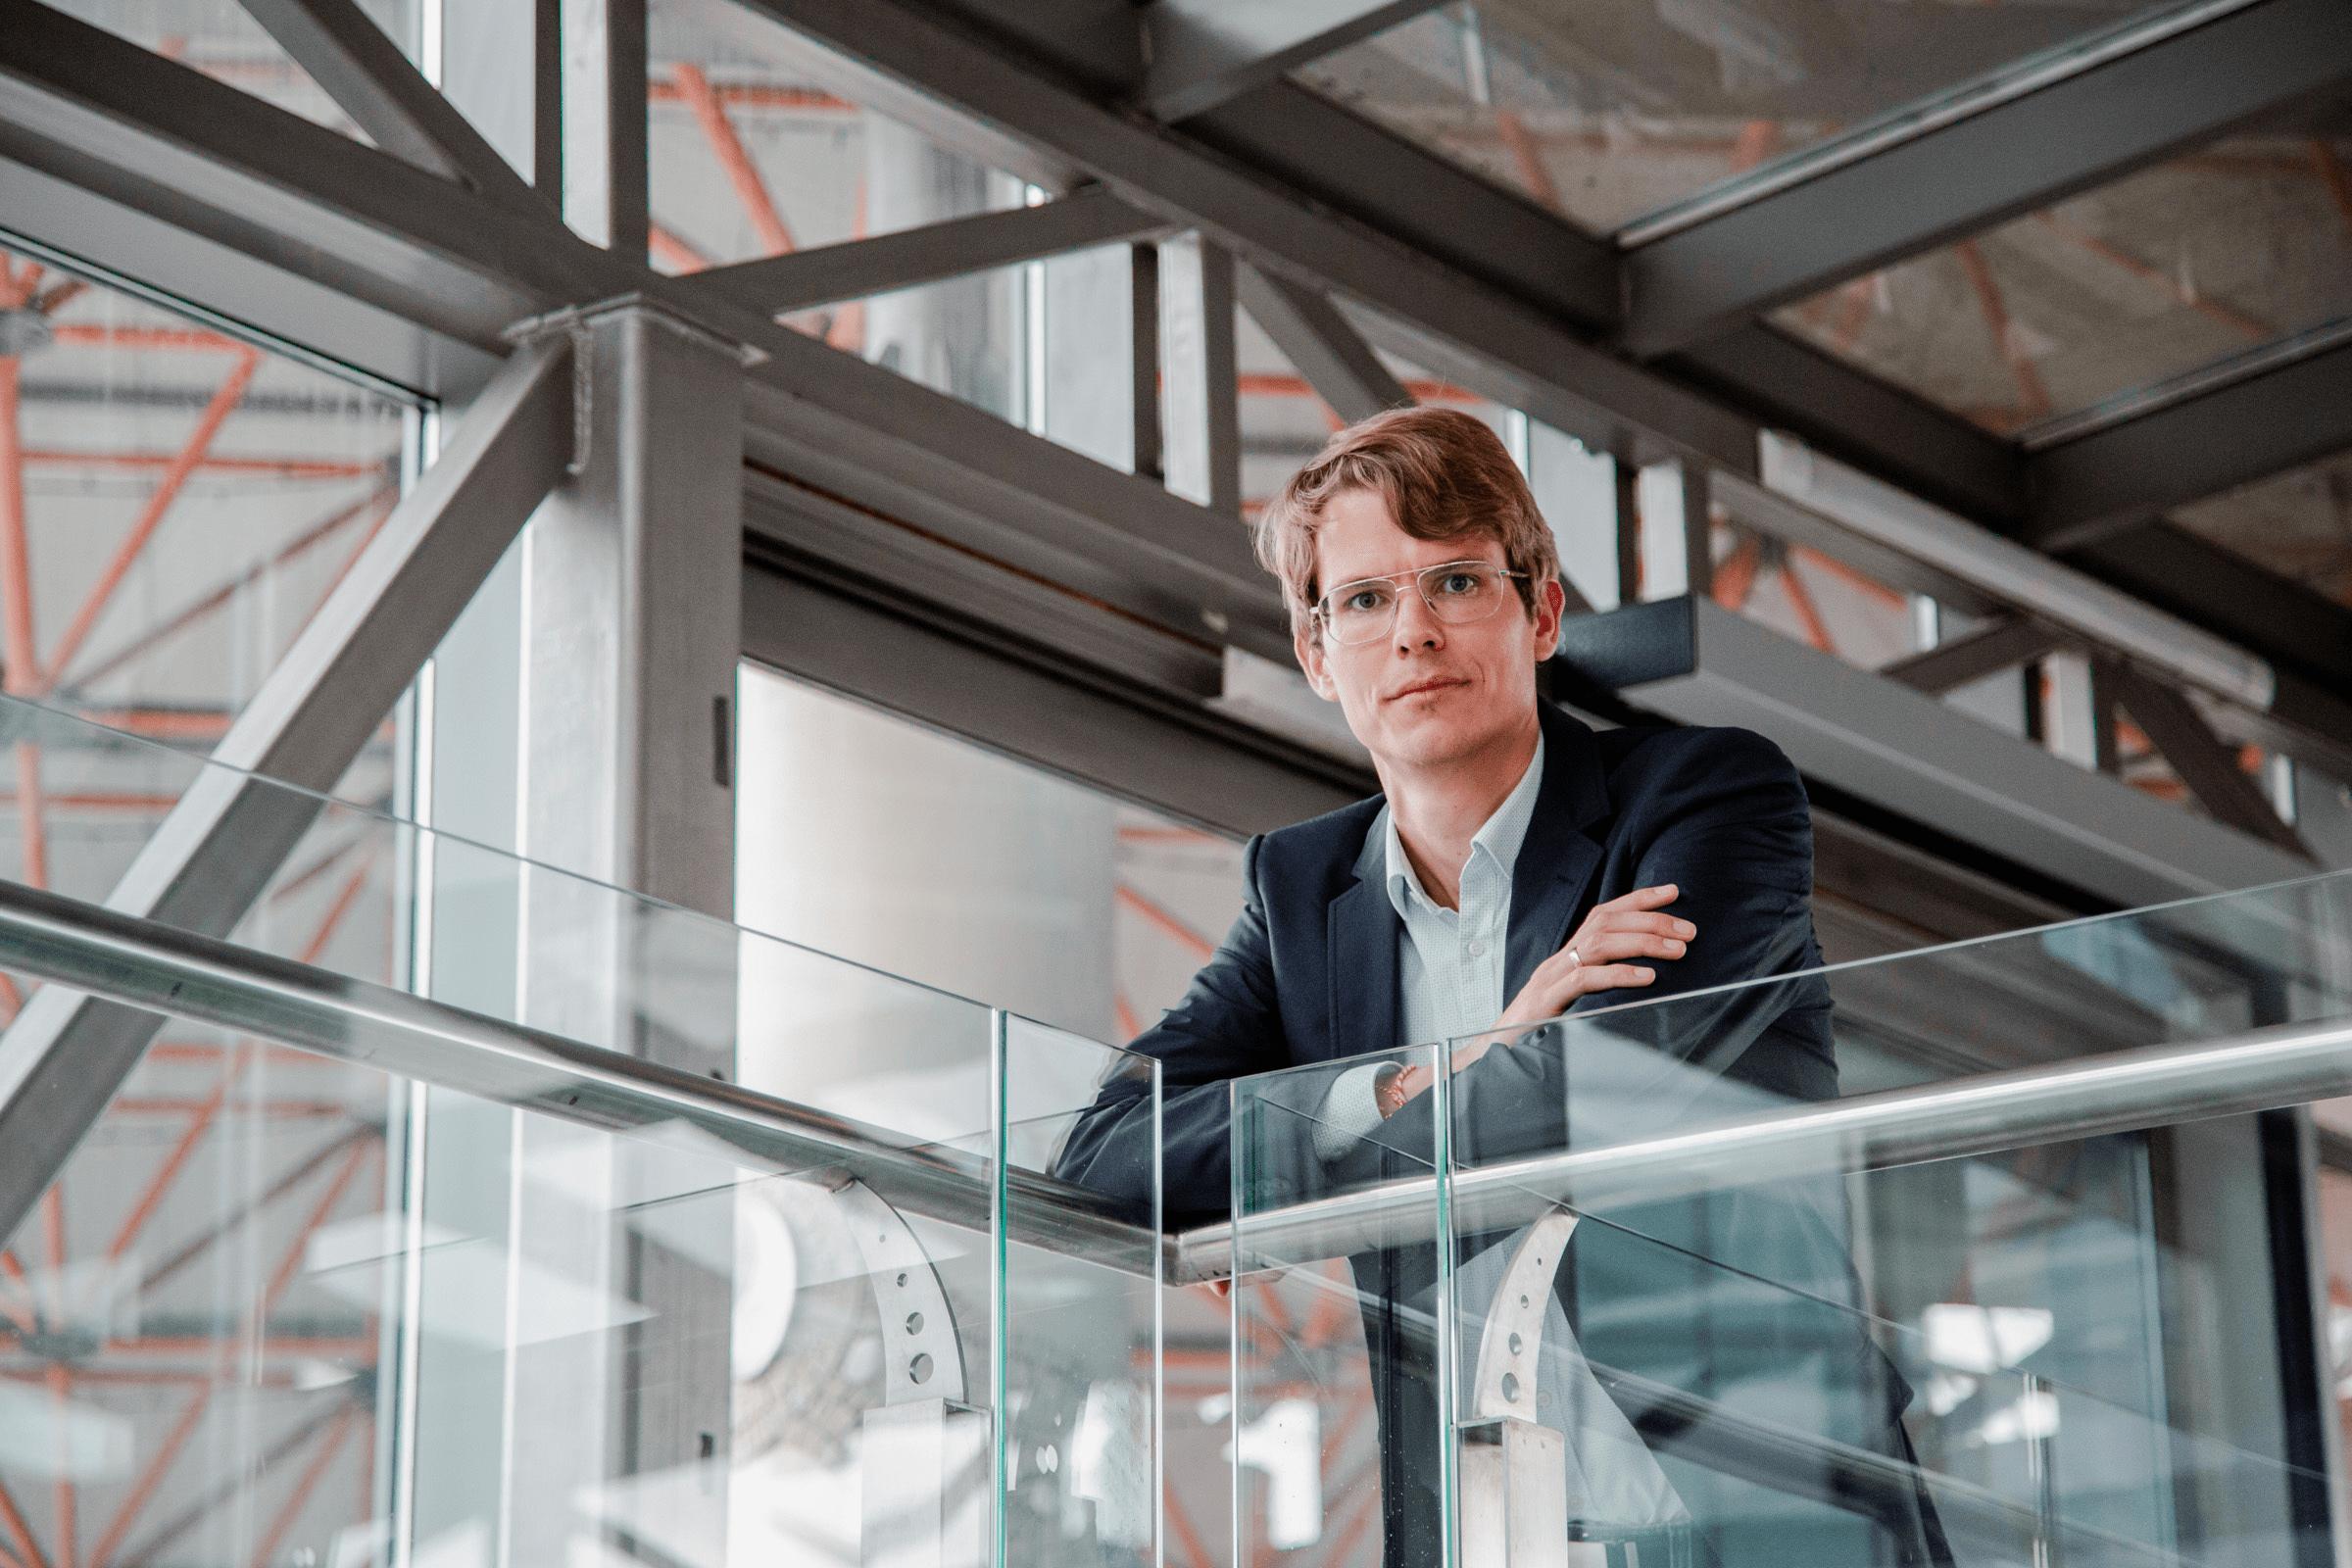 Spesen-Management: Wie zufrieden sind Arbeitnehmer in Deutschland? - Von Thomas Westerhoven